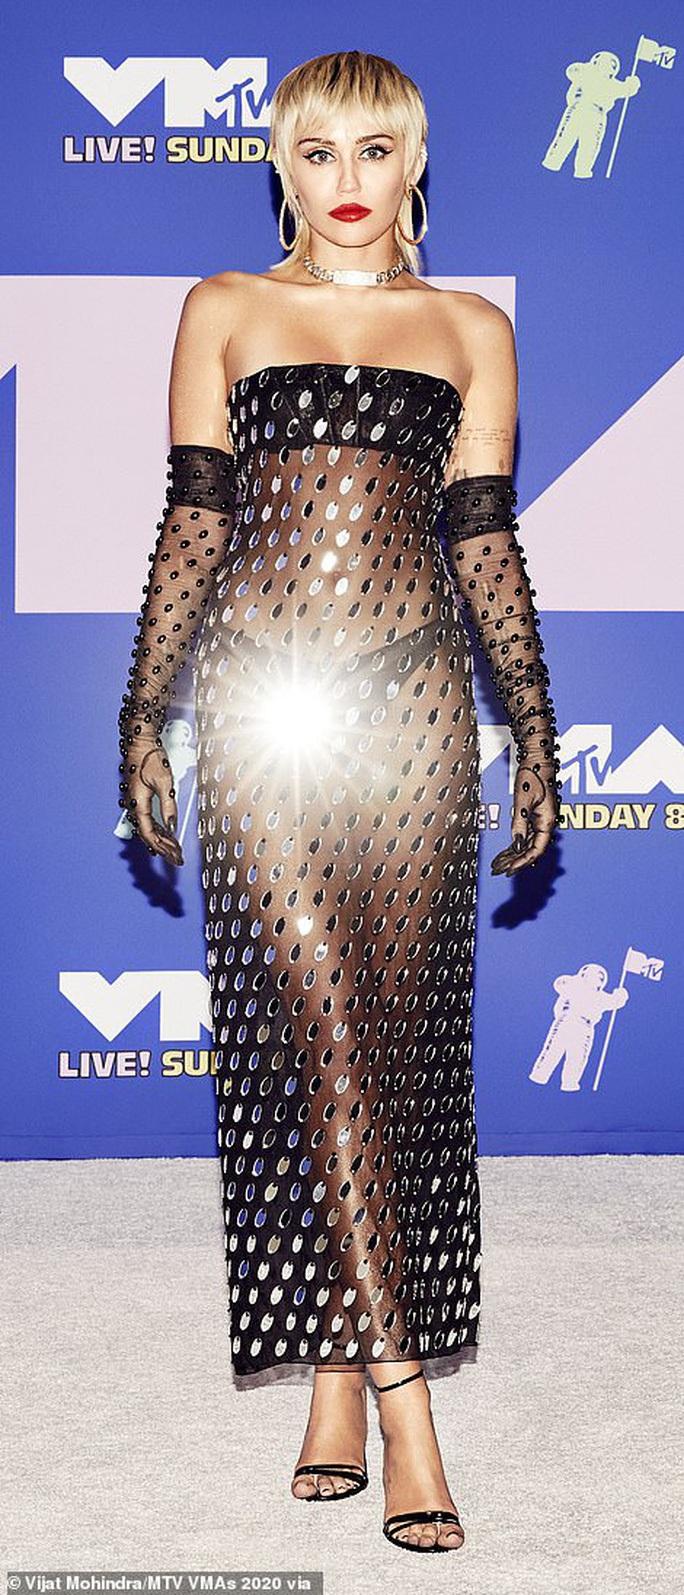 Choáng với gu thời trang mặc như không của Miley Cyrus - Ảnh 2.